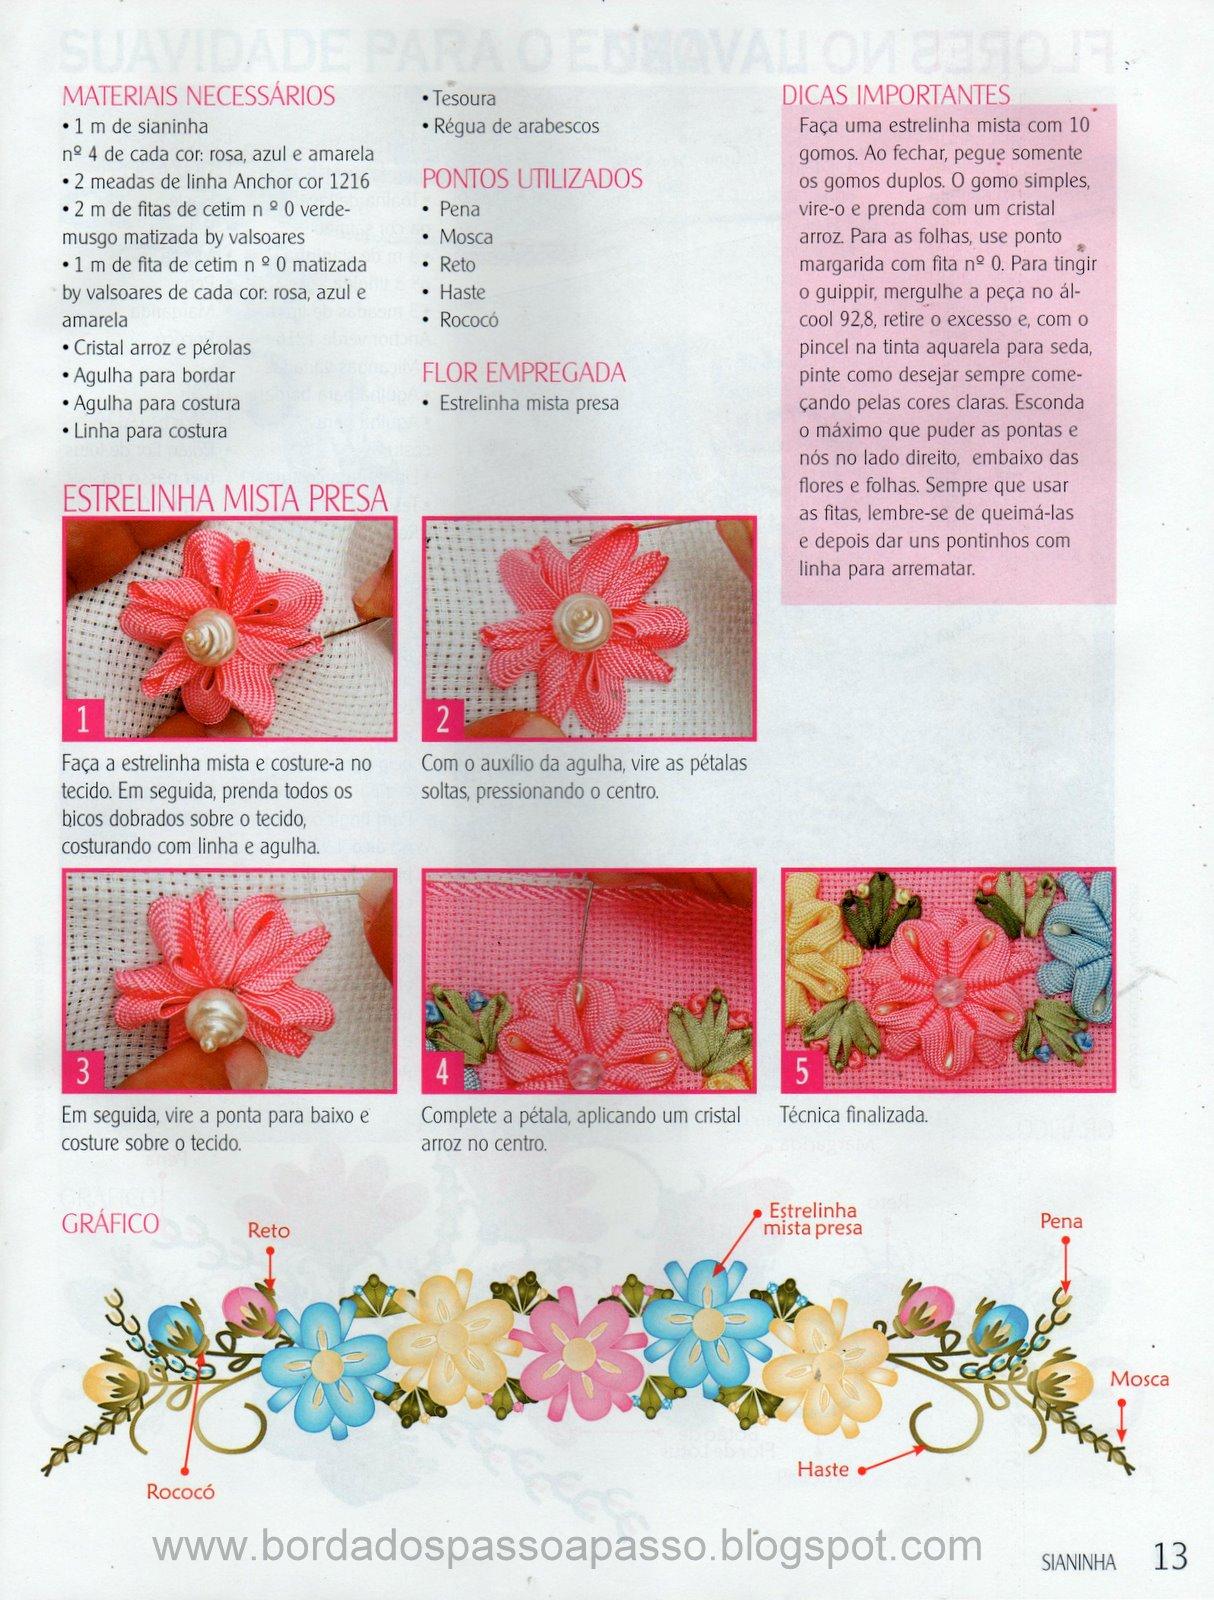 http://1.bp.blogspot.com/_zqAd5bB6G9Y/THMfsm2dYwI/AAAAAAAACME/-O28k91nFxs/s1600/toalha+bordada+com+flores+de+sinhaninha+coloridas+002.jpg